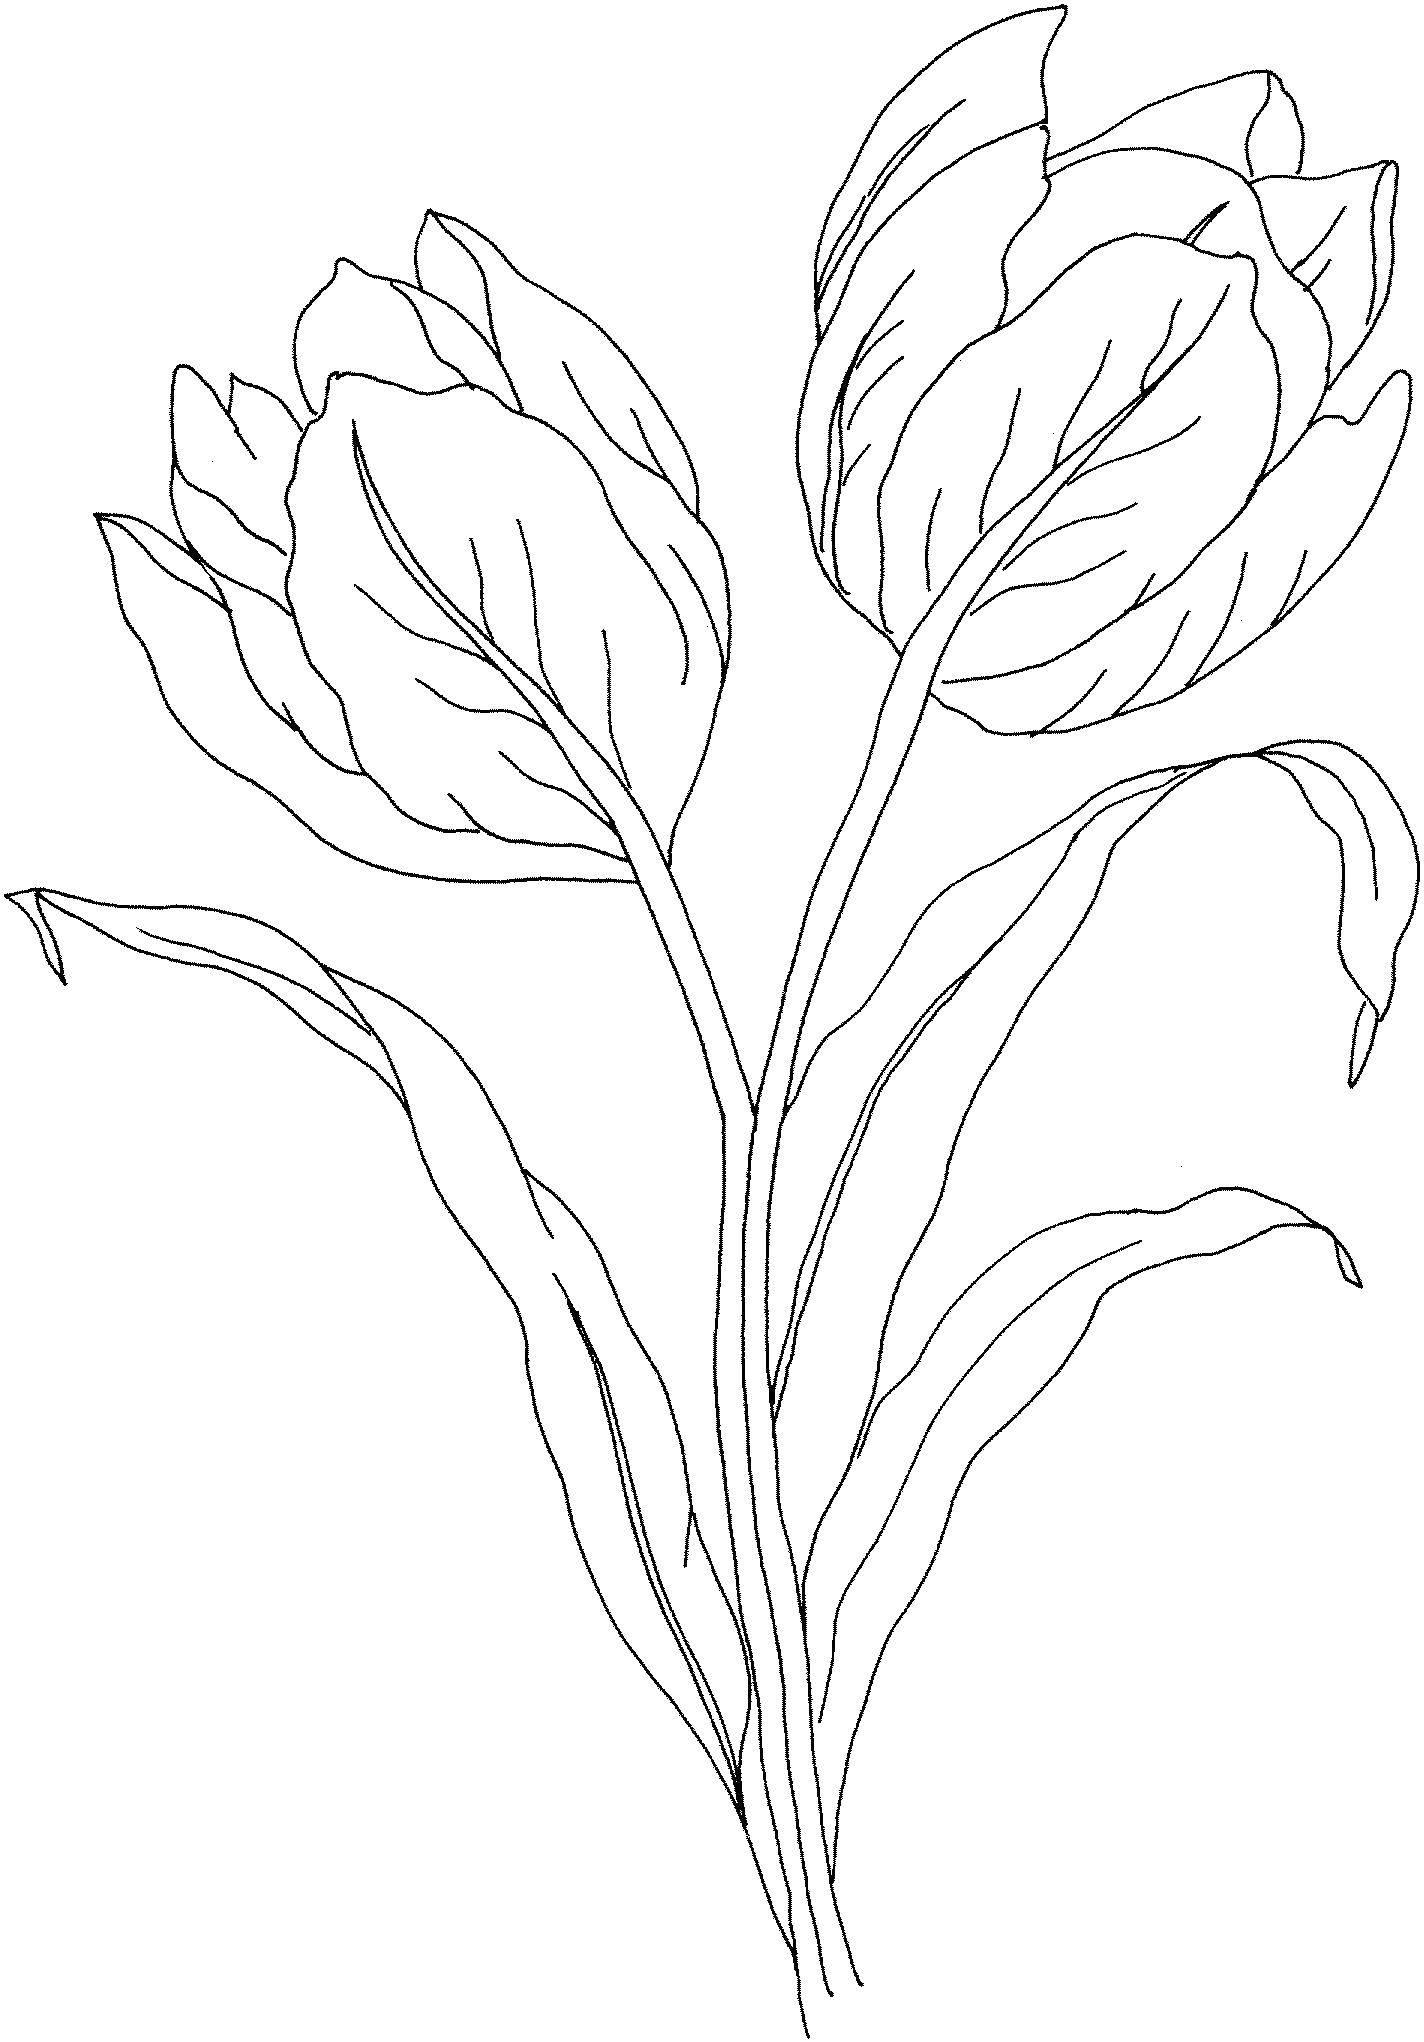 Раскраска Два вялых тюльпана. Скачать цветы, тюльпан, листок.  Распечатать ,цветы,